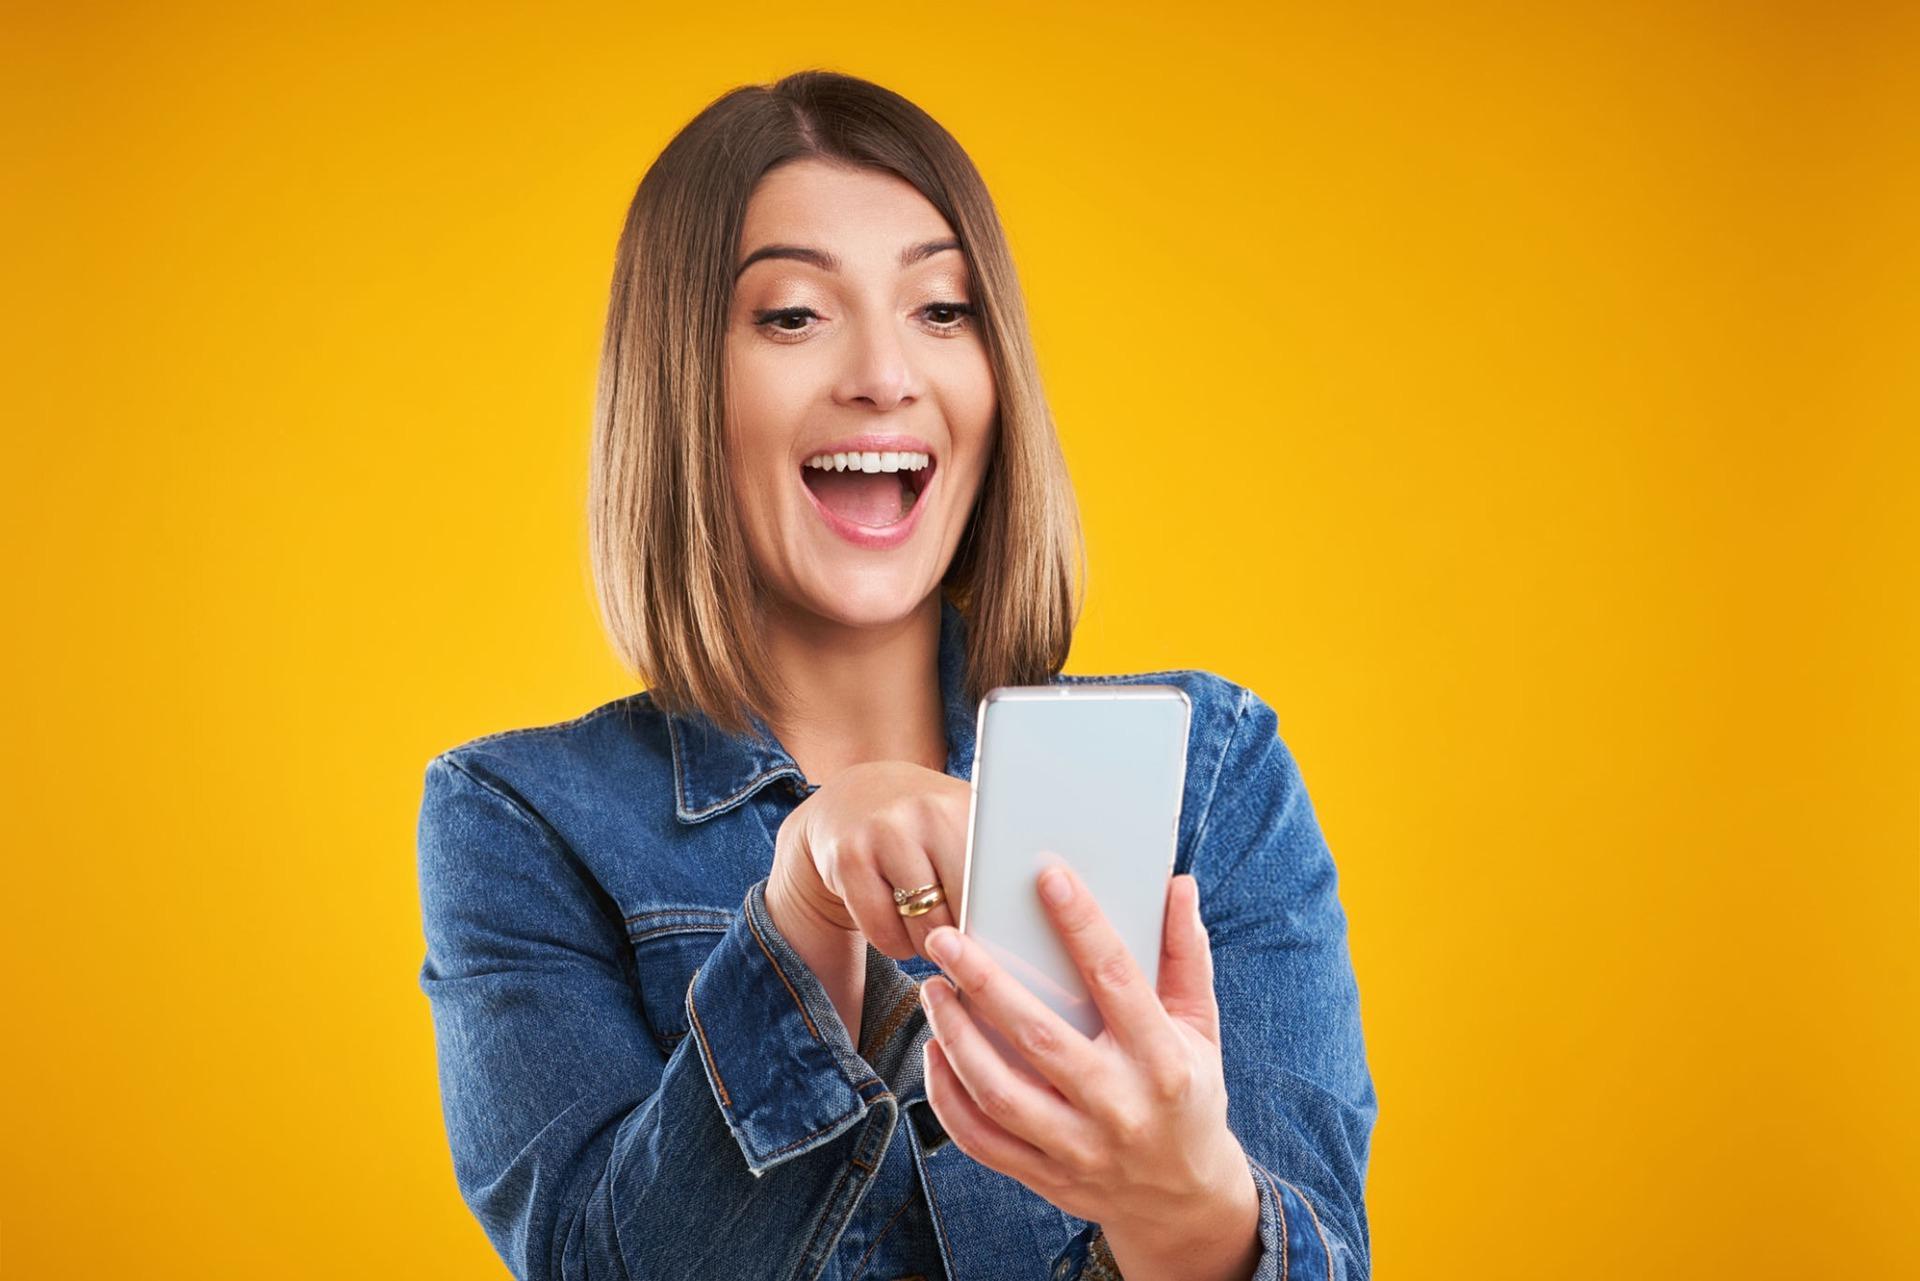 «Яндекс.Маркет» назвал самый популярный смартфон 2020 года и среднюю цену устройства